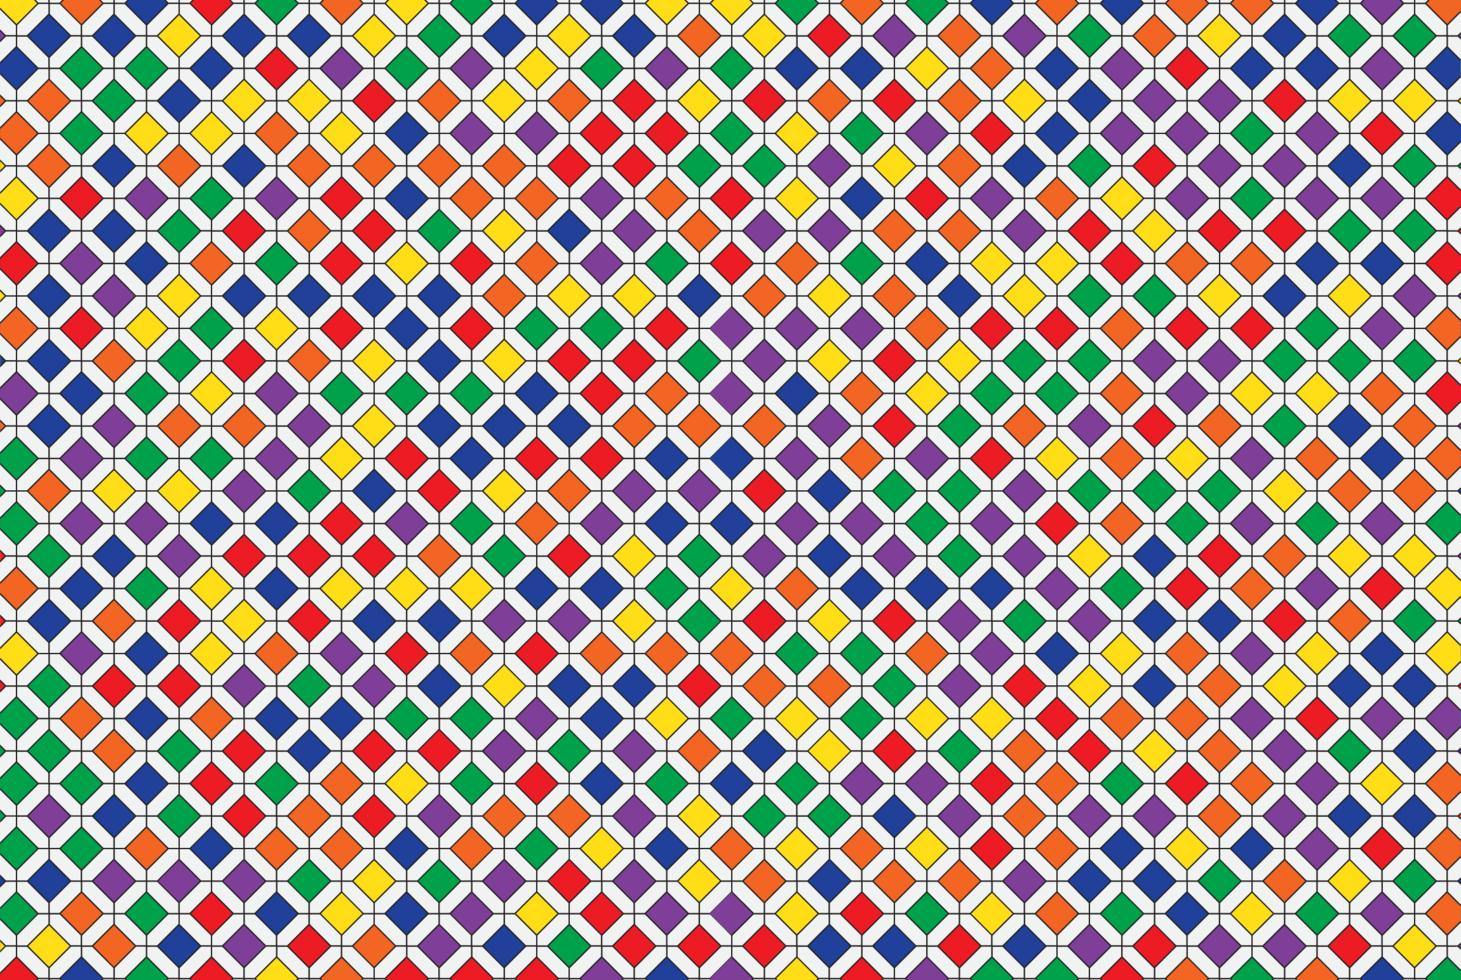 kleurrijk geometrisch mozaïekpatroon vector